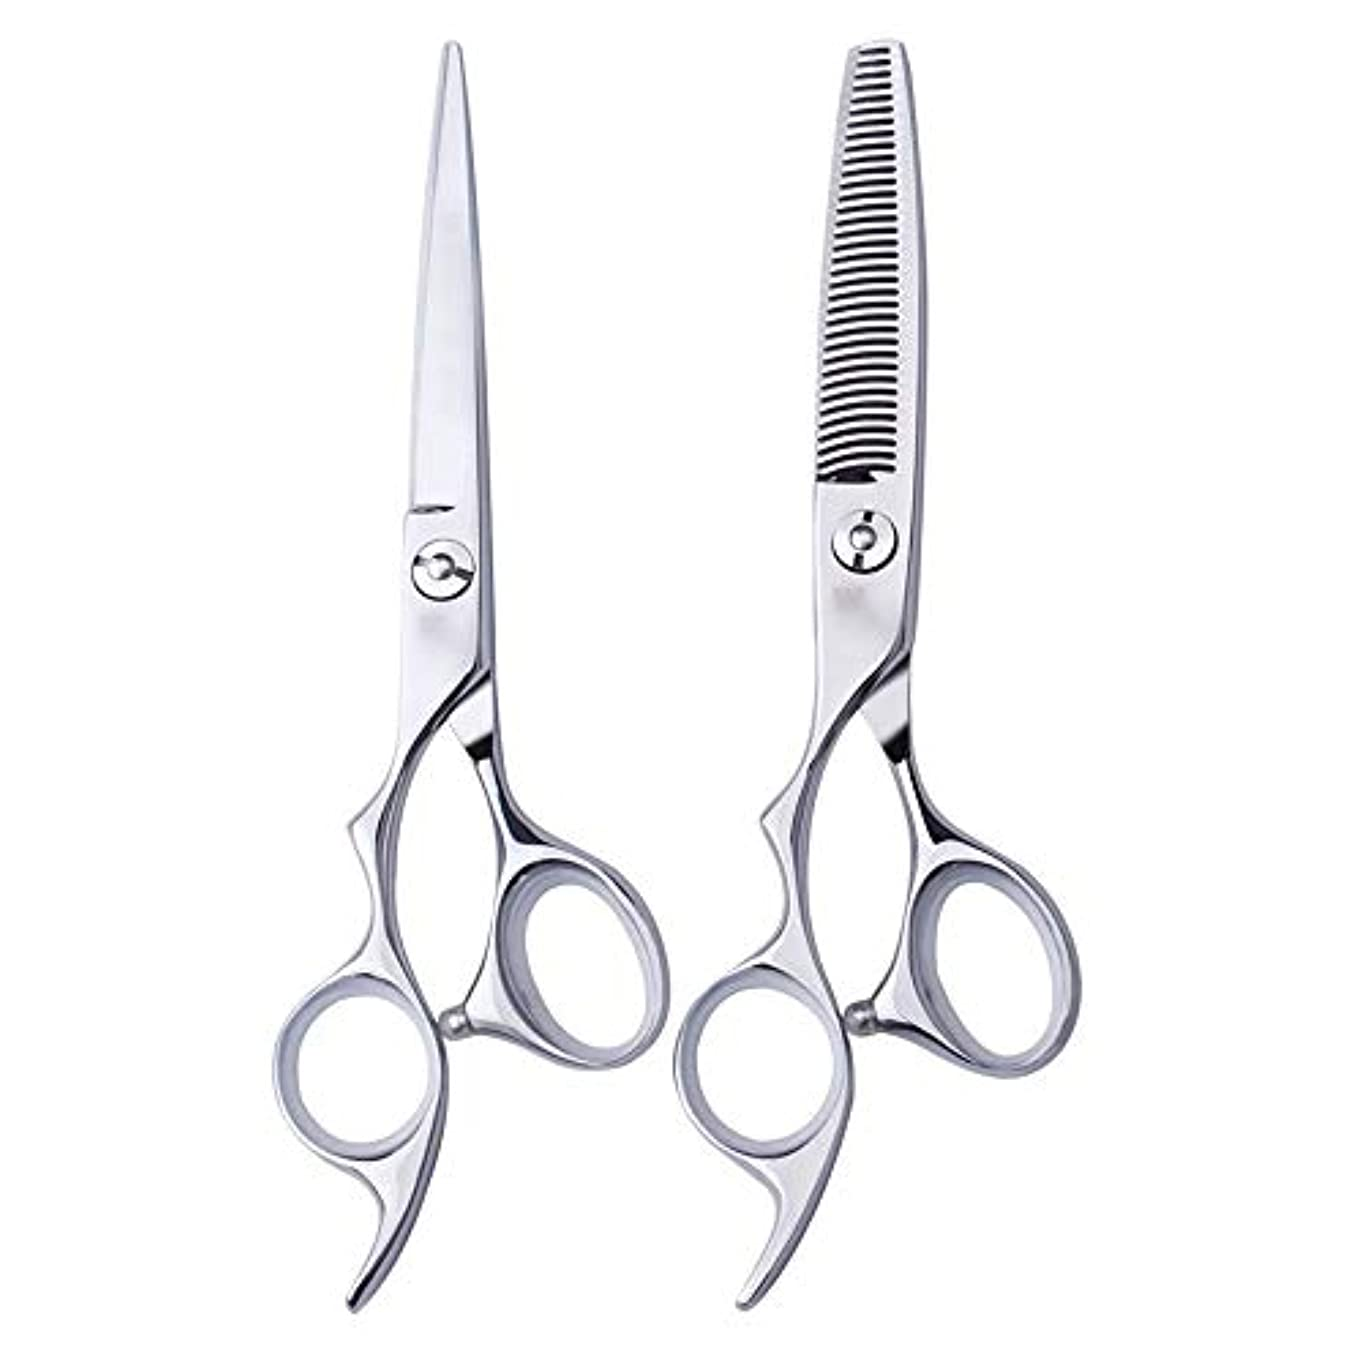 頬送信する抗生物質6インチ美容院プロのヘアカット左手はさみ理髪はさみ、左利き用特殊理髪はさみプロの本格的なツール ヘアケア (色 : Silver, Design : Tooth)